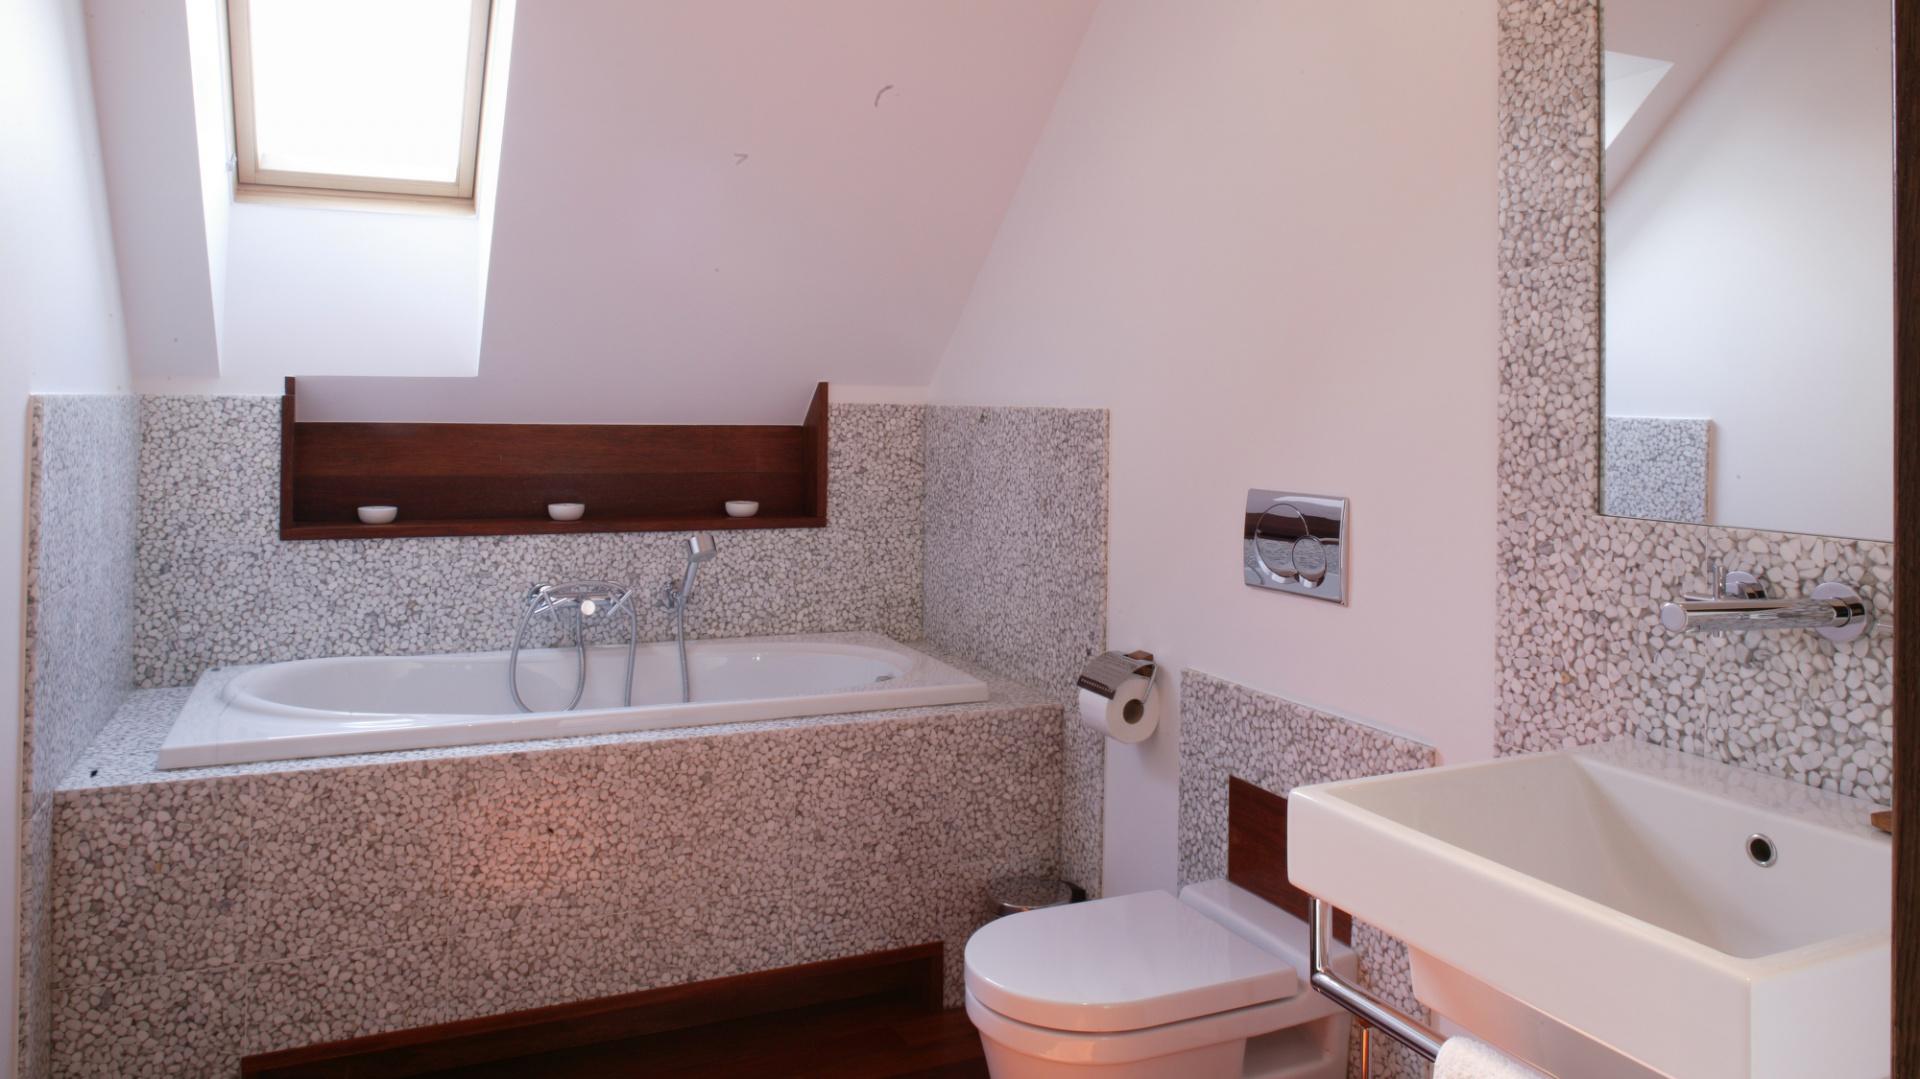 Najbardziej wyrazistym elementem łazienki  jest okładzina ścienna. Choć  płytki z otoczaków zatopionych w przezroczystej żywicy pokrywają zaledwie fragmenty ścian, mimowolnie skupiają na sobie uwagę. Fot. Monika Filipiuk.